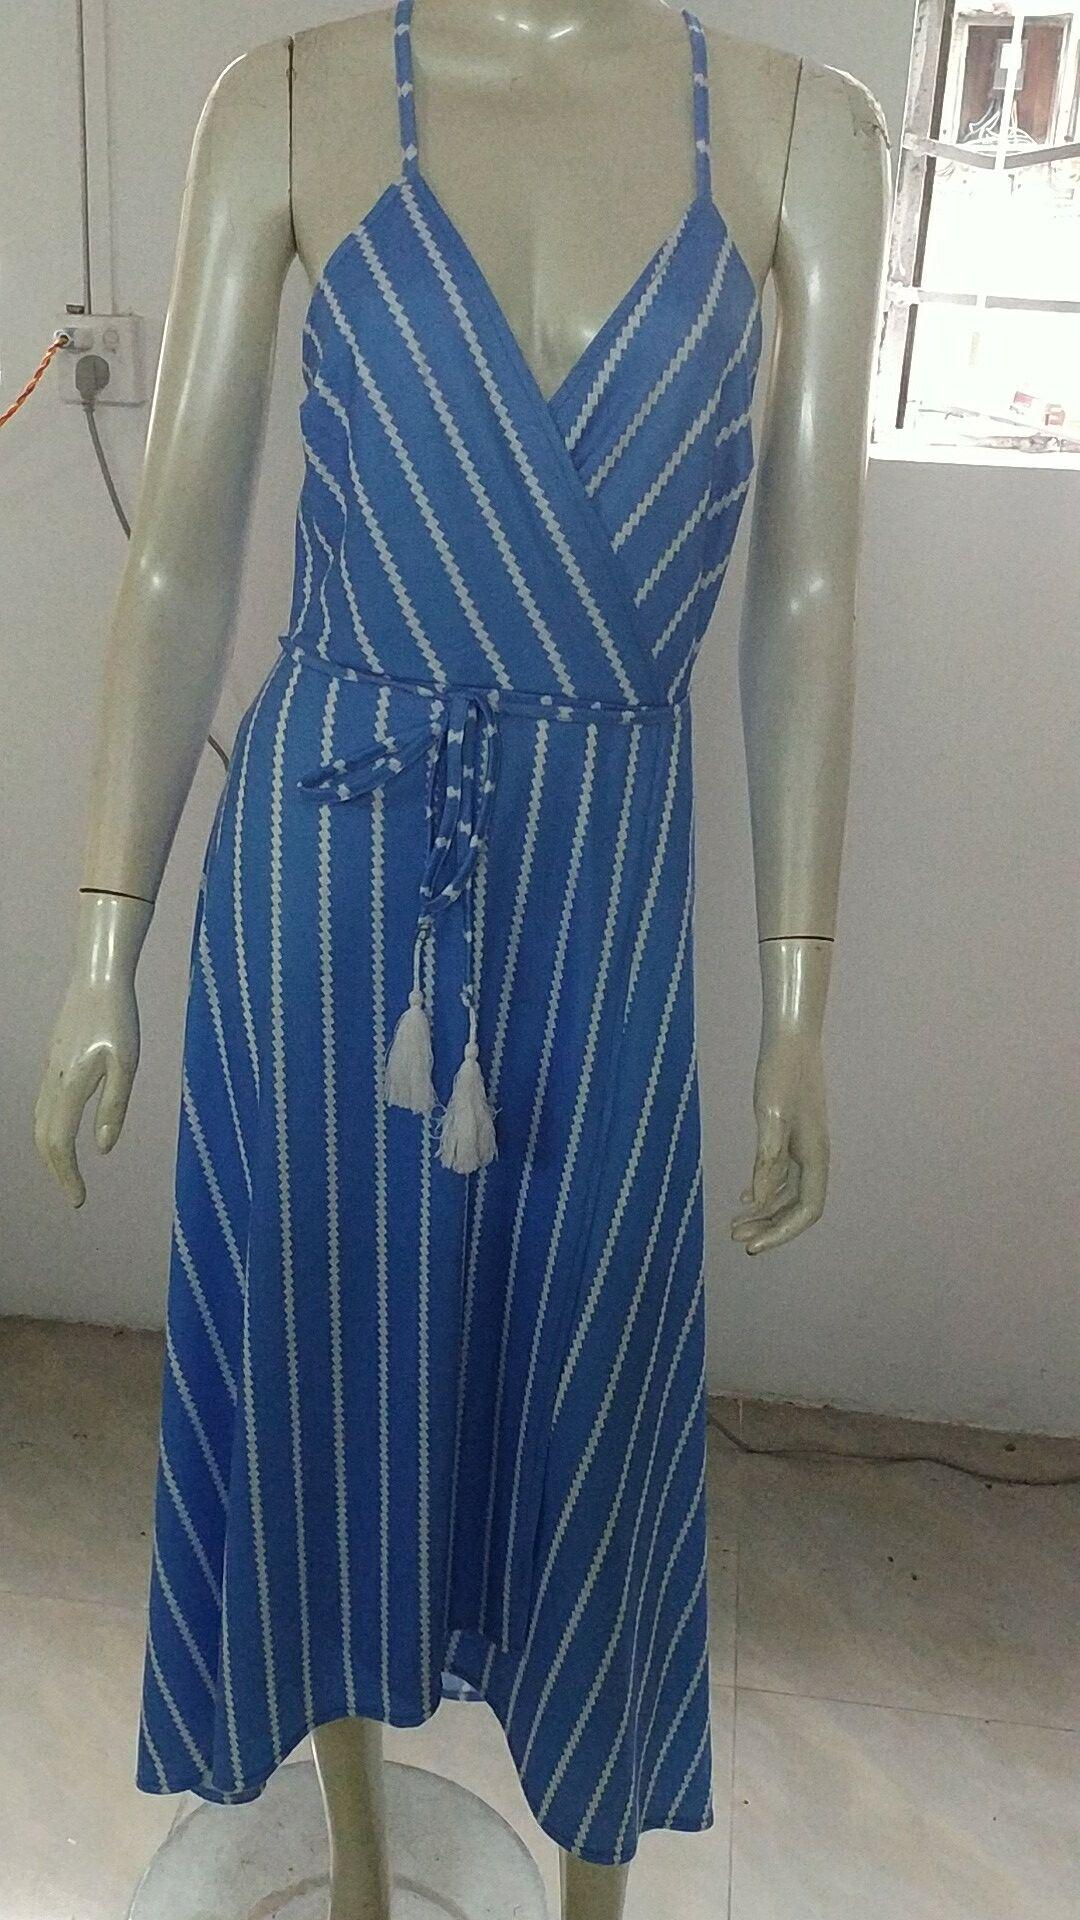 Новое Женское летнее платье Boho Maxi длинное Полосатое платье с лямкой на шее вечернее пляжное платье Сарафан нерегулярное богемное праздничное платье